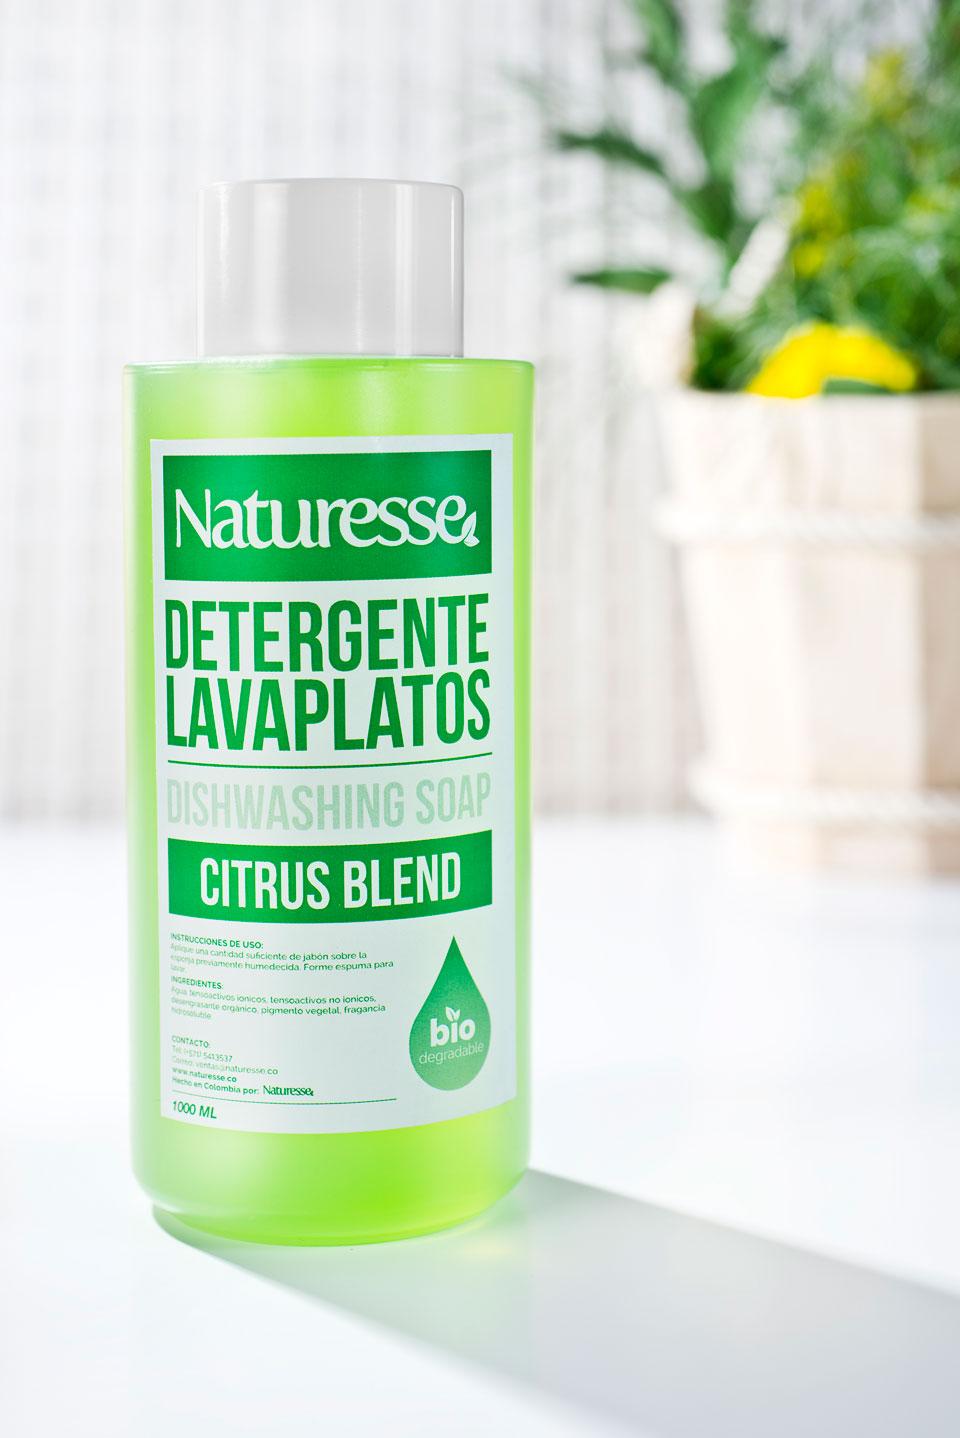 Detergente lavaplatos  | 1 L | Aroma  Citrus Blend